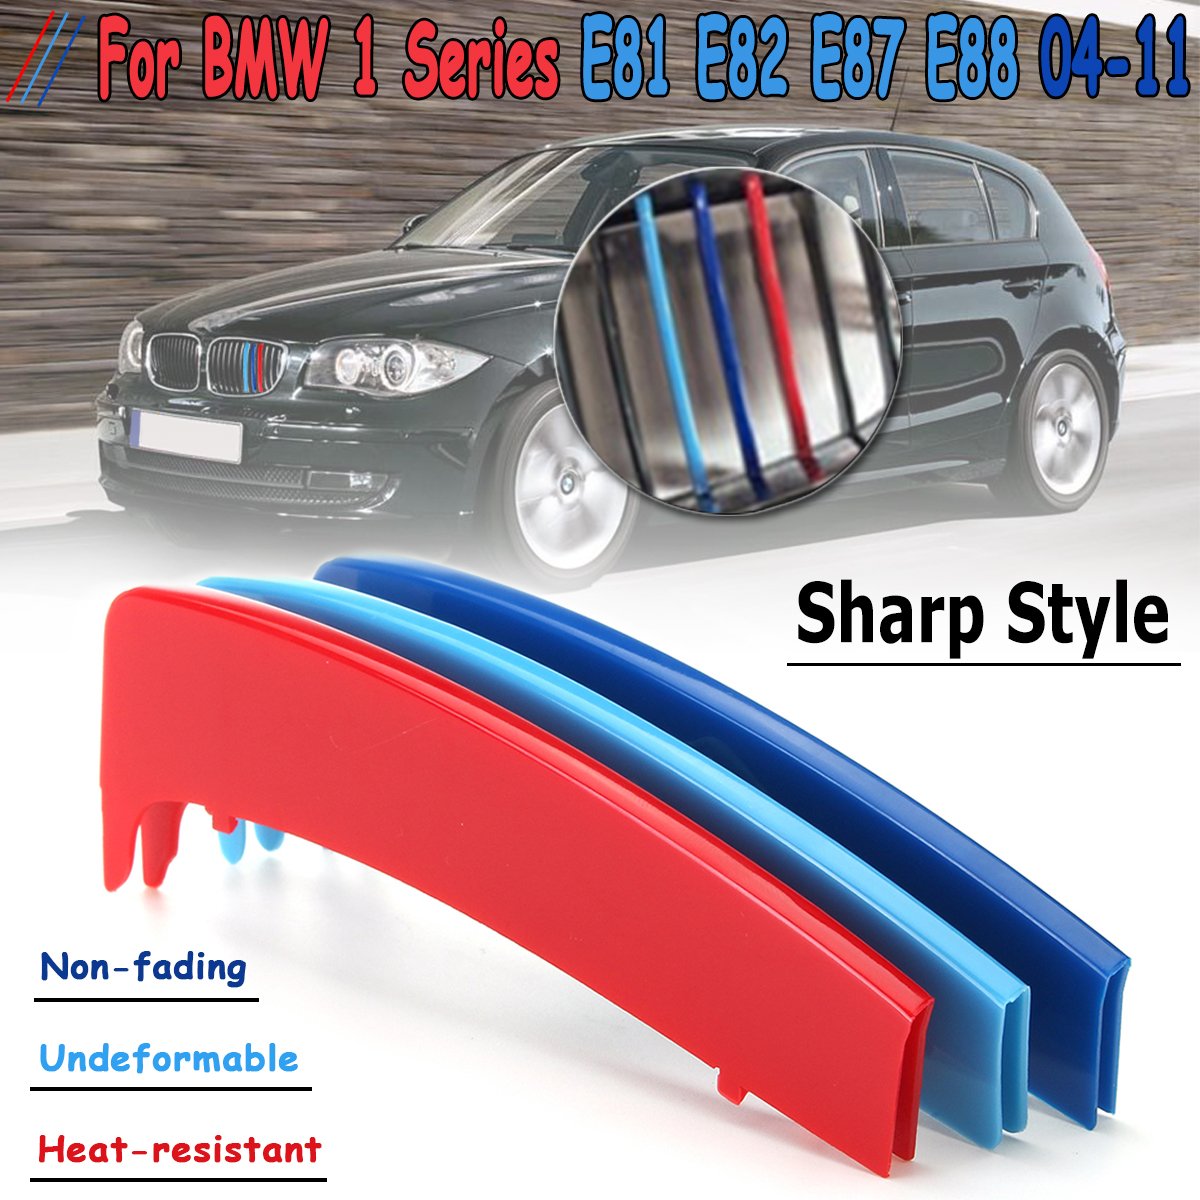 3D Sport M Style Color Grille Grill Cover Clip Trim For BMW 1 Series E81 E82 E87 E88 2004 2005 2006 2007 2008 2009 2010 2011